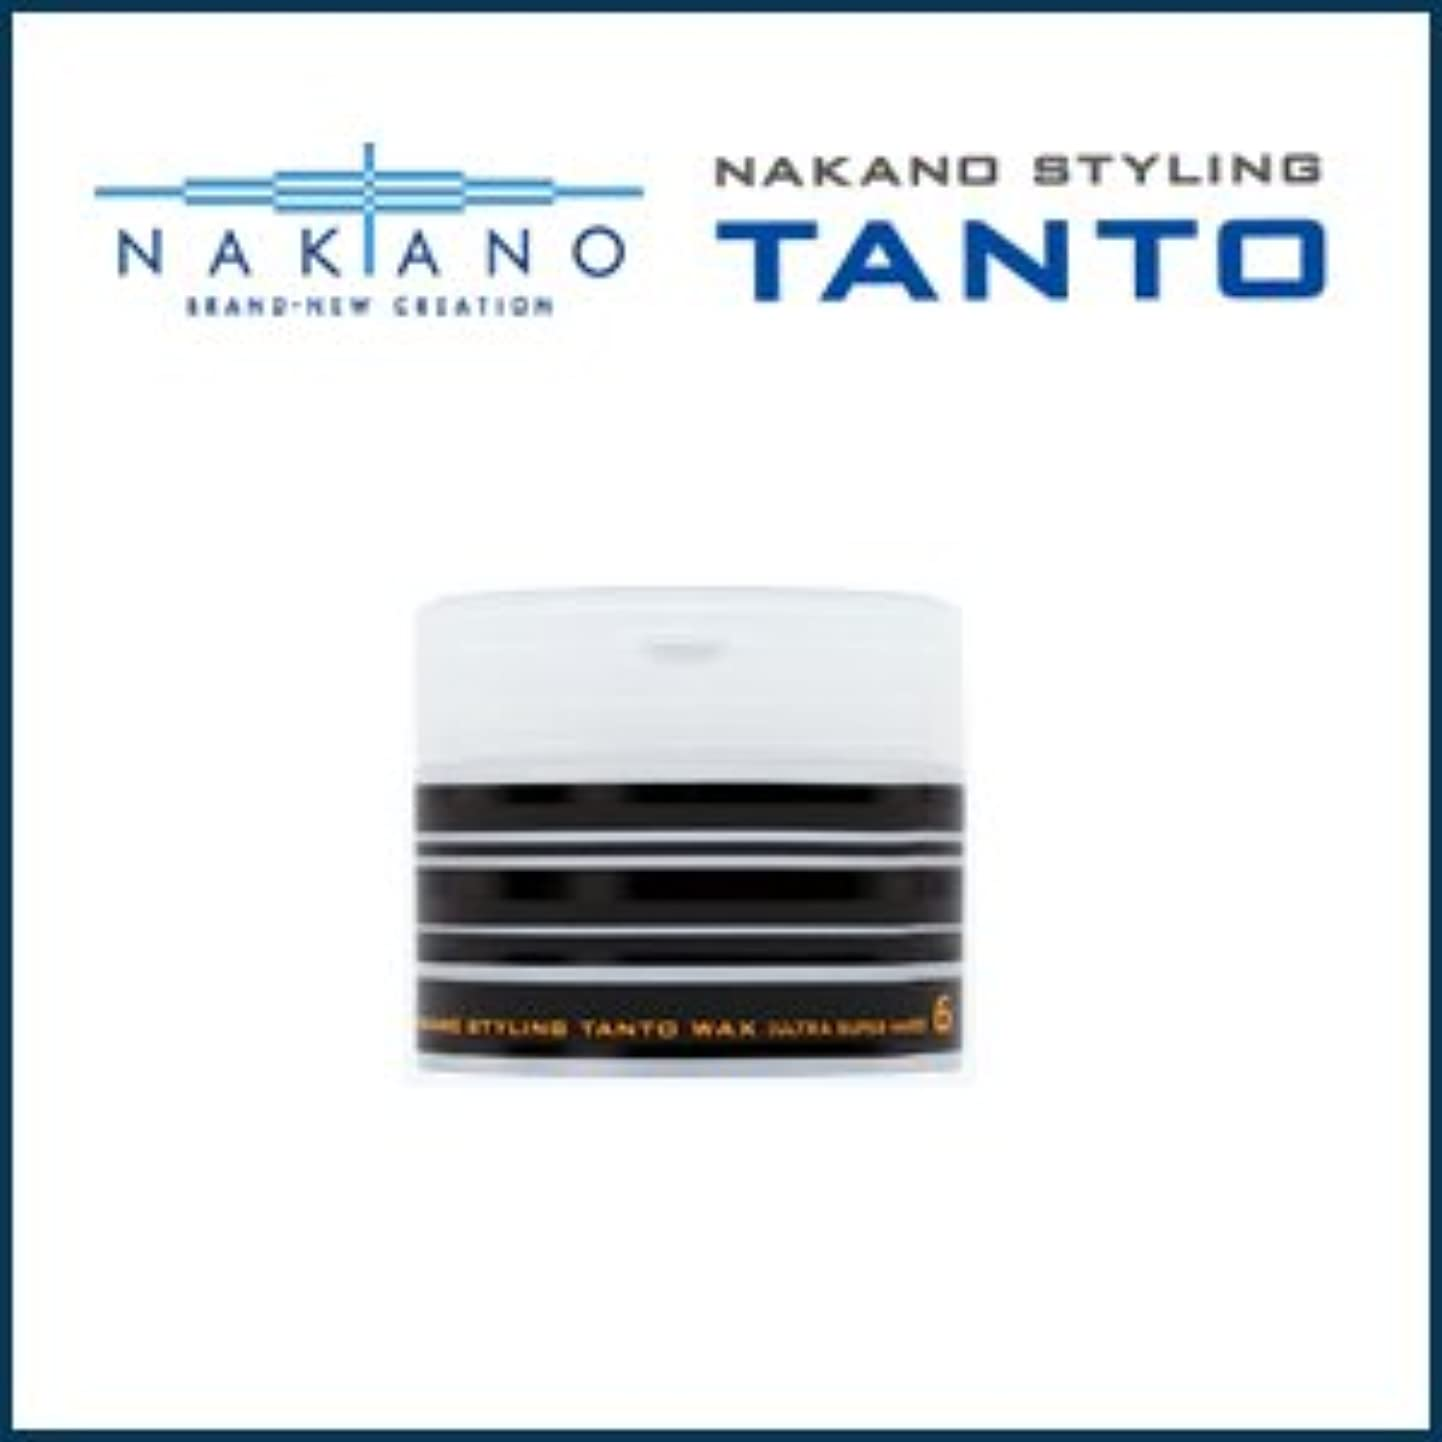 テーマどっち周術期【X5個セット】 ナカノ タント Nワックス 6 ウルトラスーパーハード 90g 容器入り